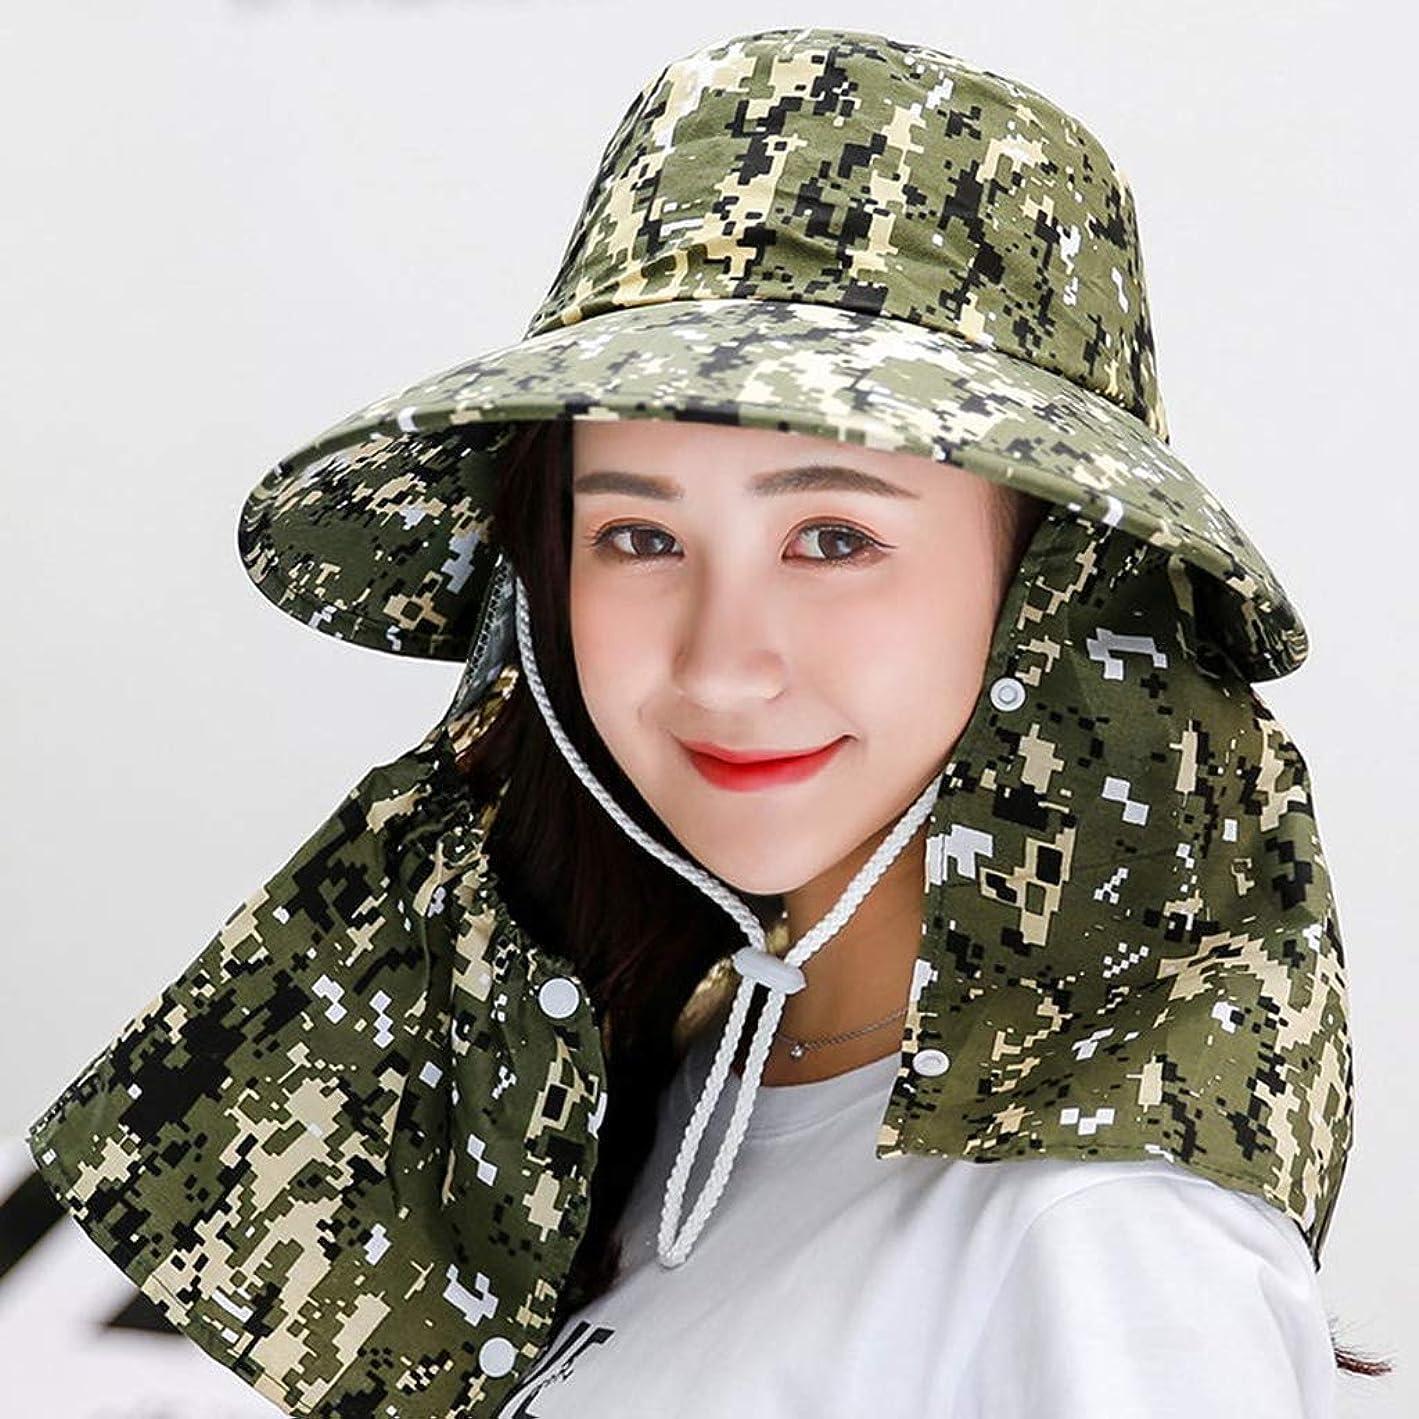 クーポンエイズ実行するUVカット 帽,レディ夏 つば広 小顔効果 吸汗通気 日焼け防止 紫外線対策 折りたたみ ベール付き 春夏用 日帽子